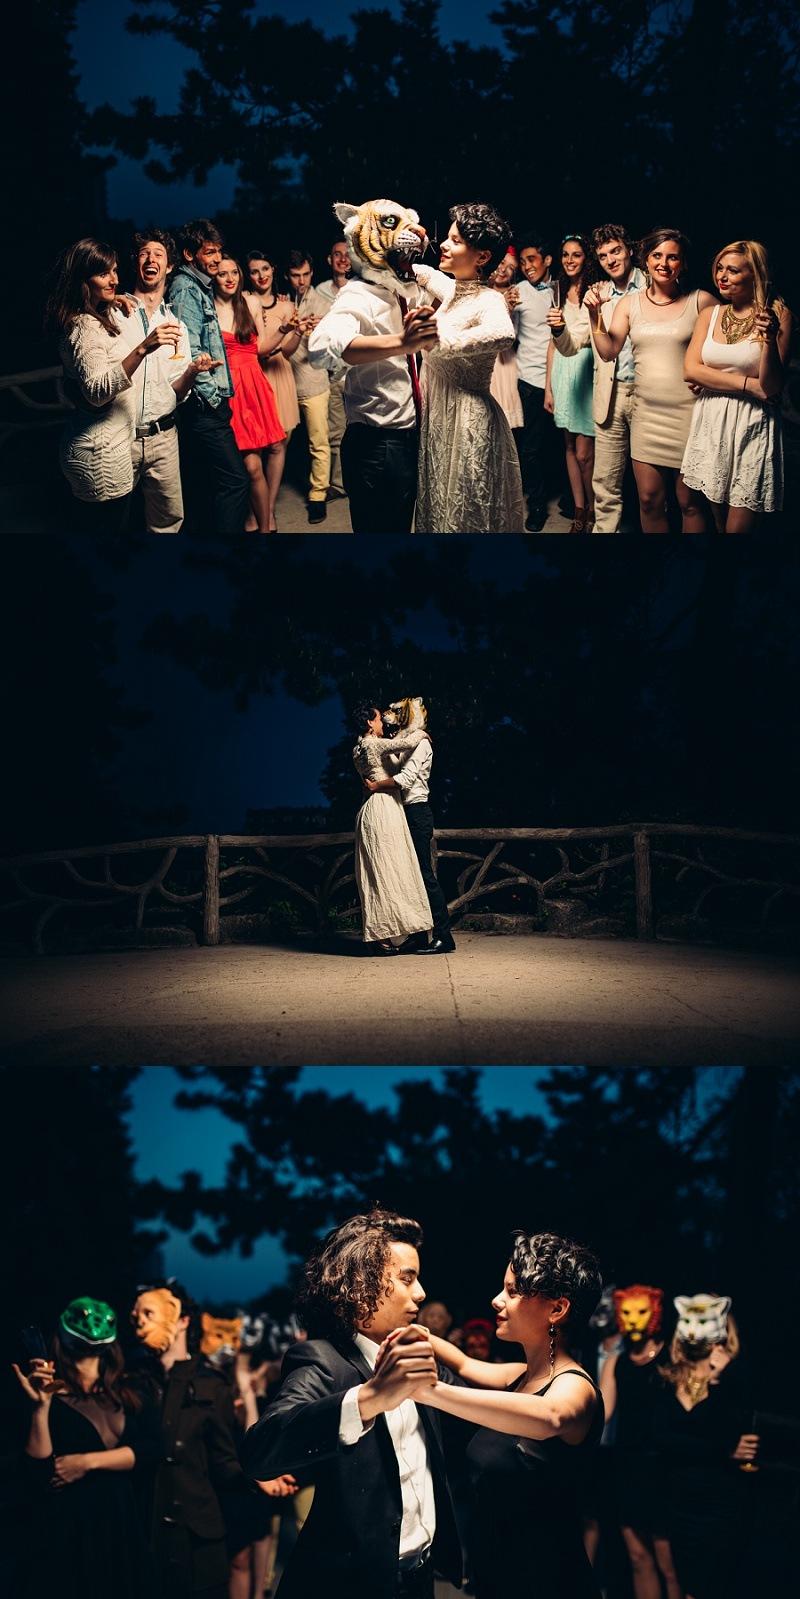 ONTHEMOON PHOTOGRAPHY - La Belle et la Bête : Les masques finissent toujours par tomber